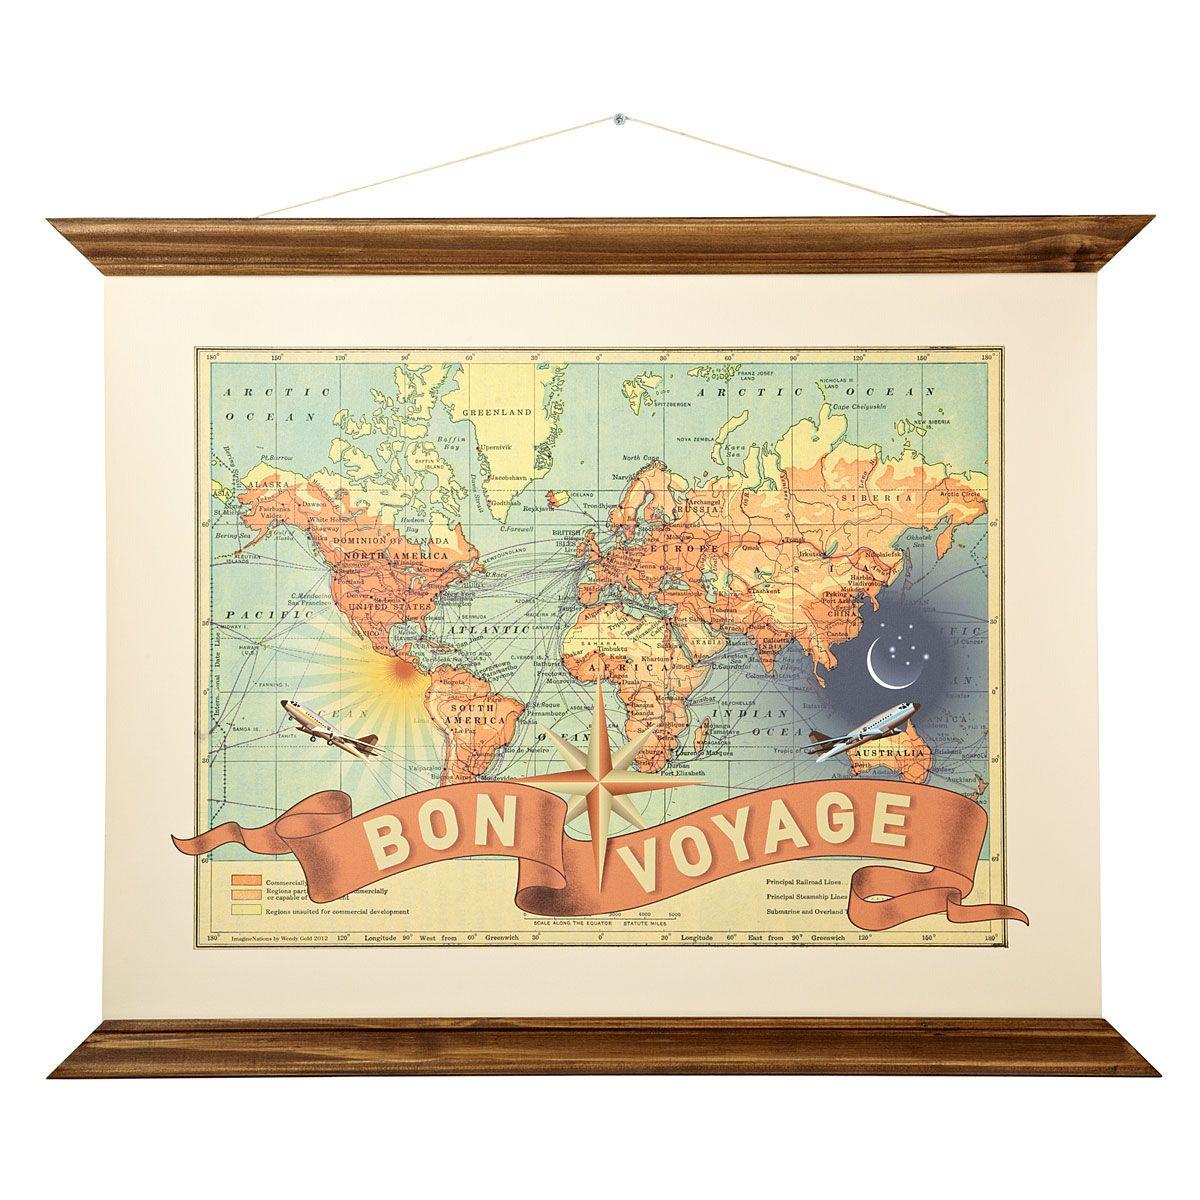 bon voyage vintage wallsmap artworld